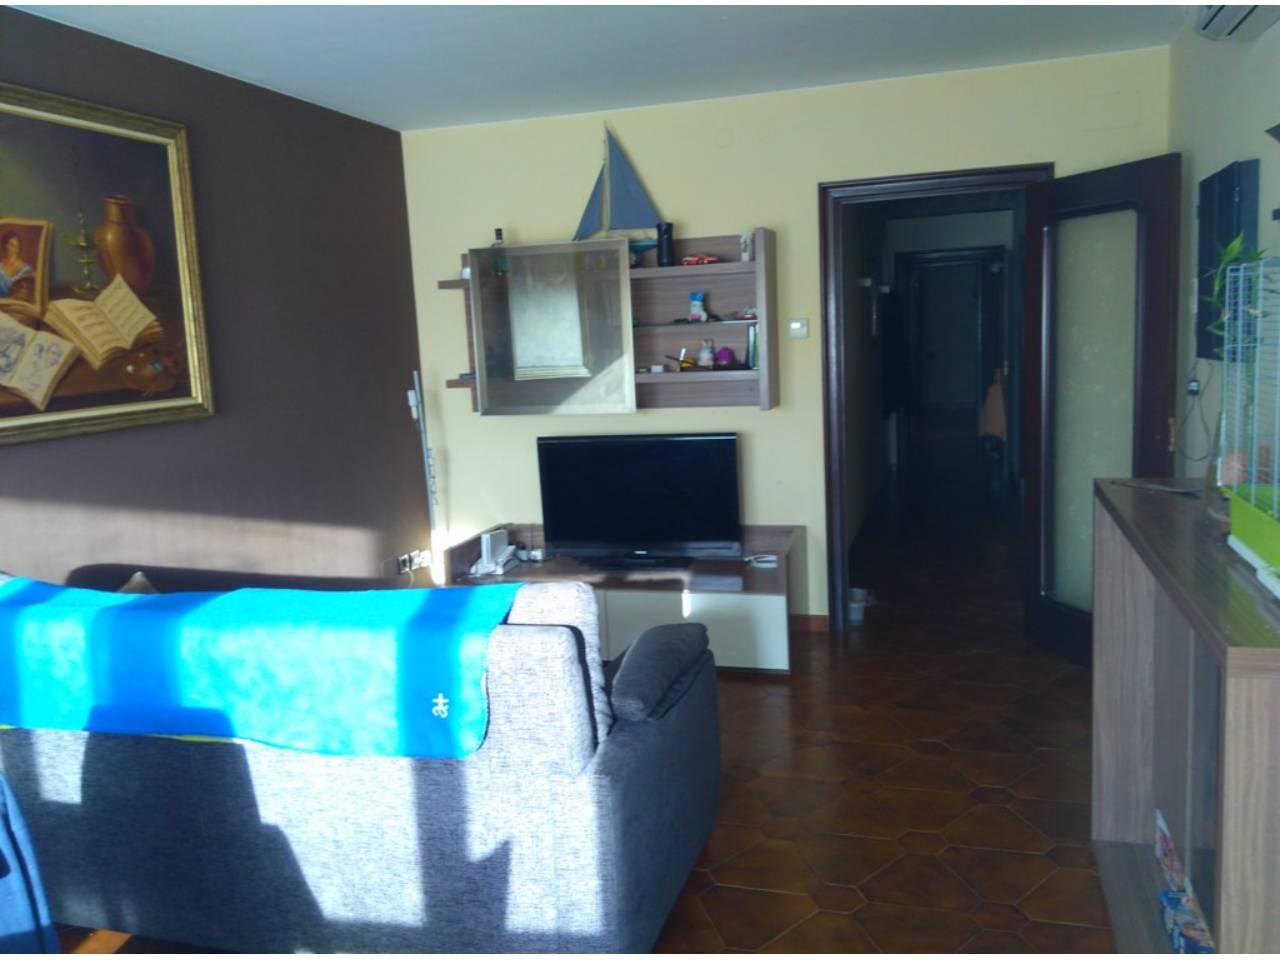 Etagenwohnung  Oms i de prat. Duplex en venta zona oms y de prat de 180 m2, en la primera plan